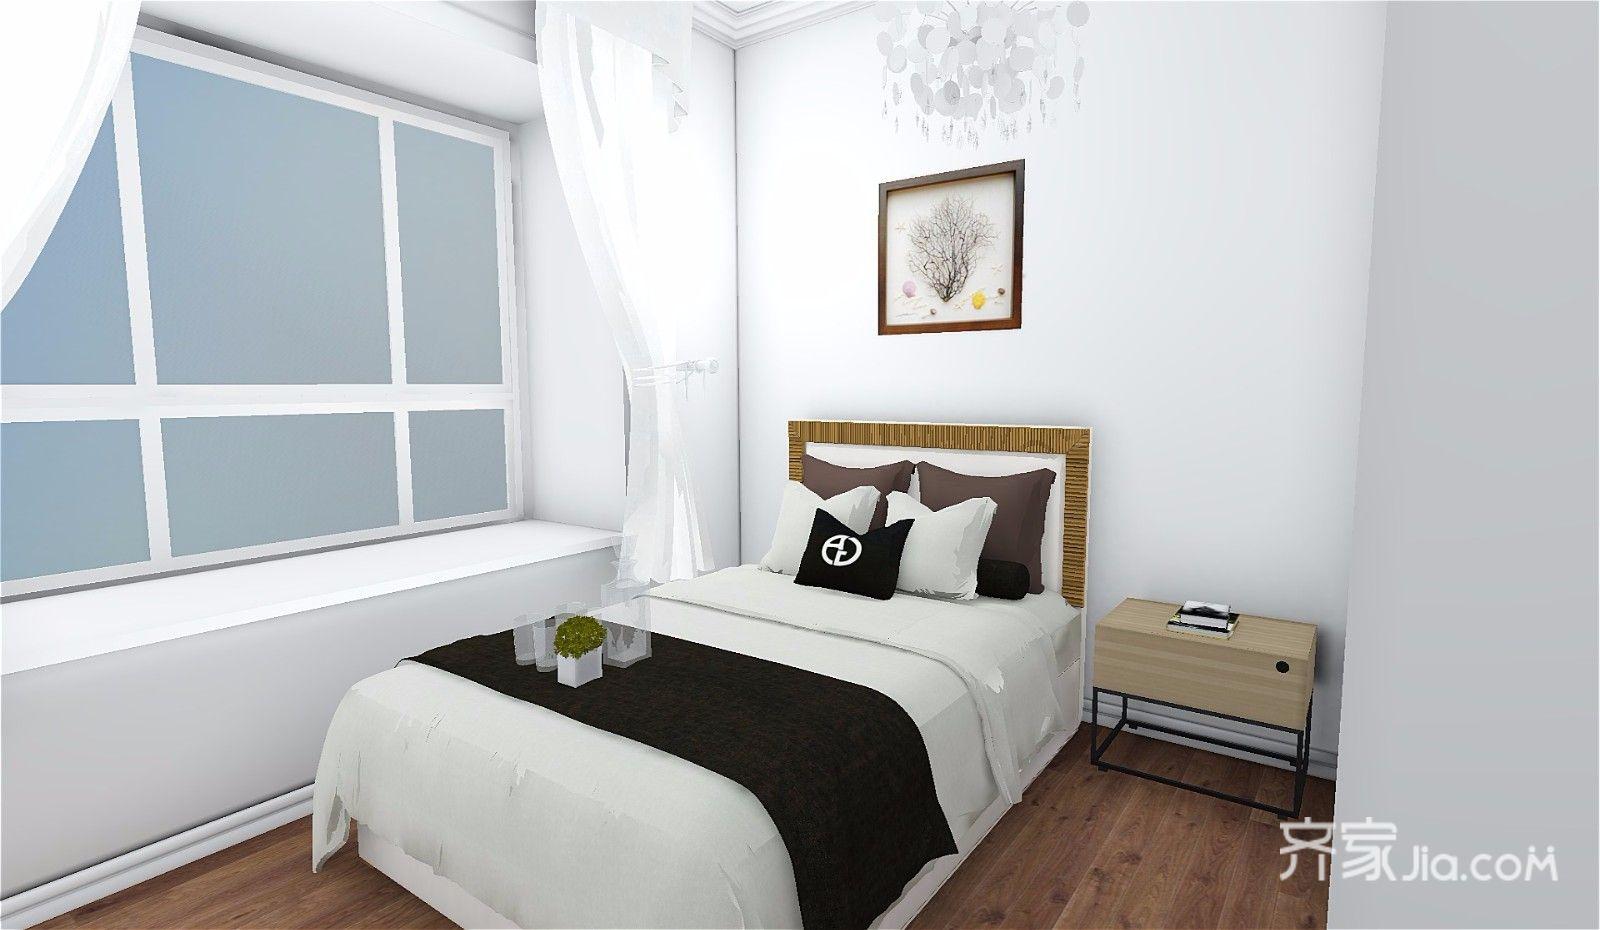 73平简约三居室卧室装修效果图